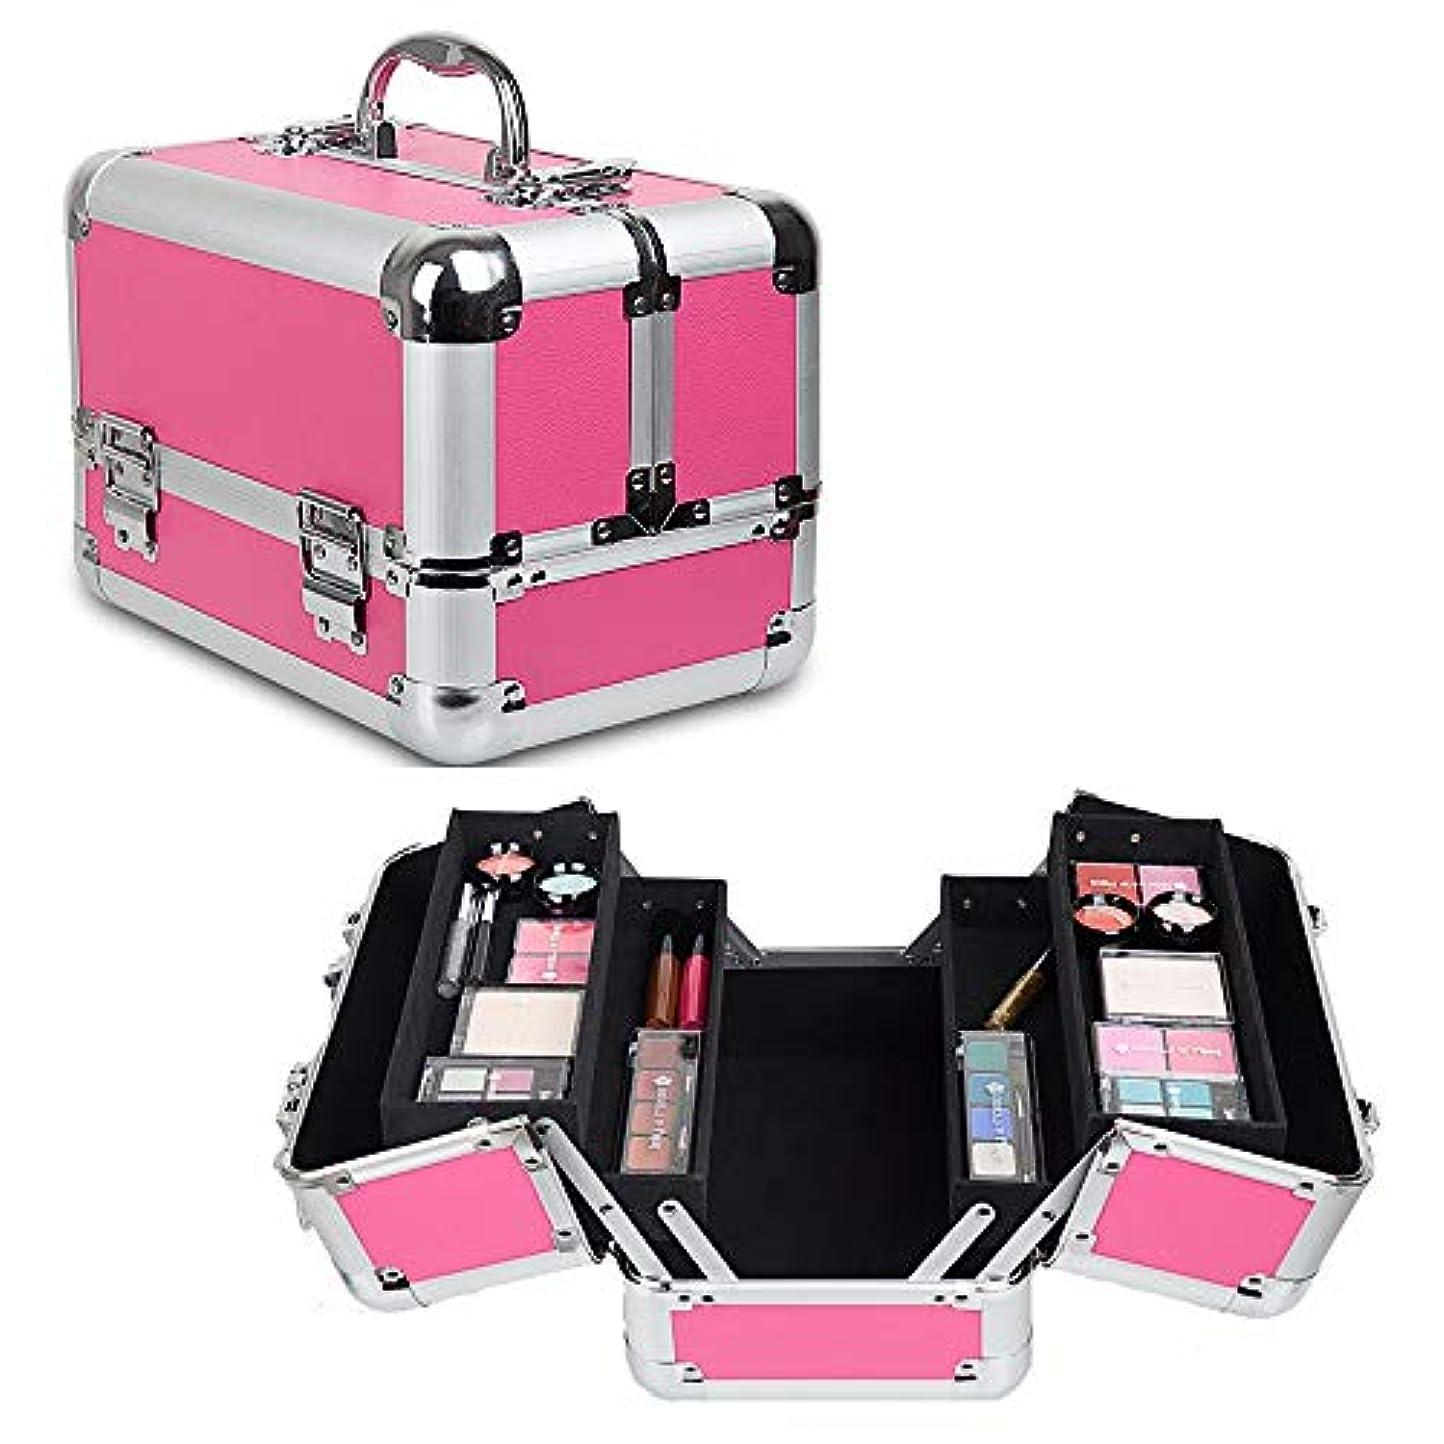 四著者鉱石特大スペース収納ビューティーボックス 美の構造のためそしてジッパーおよび折る皿が付いている女の子の女性旅行そして毎日の貯蔵のための高容量の携帯用化粧品袋 化粧品化粧台